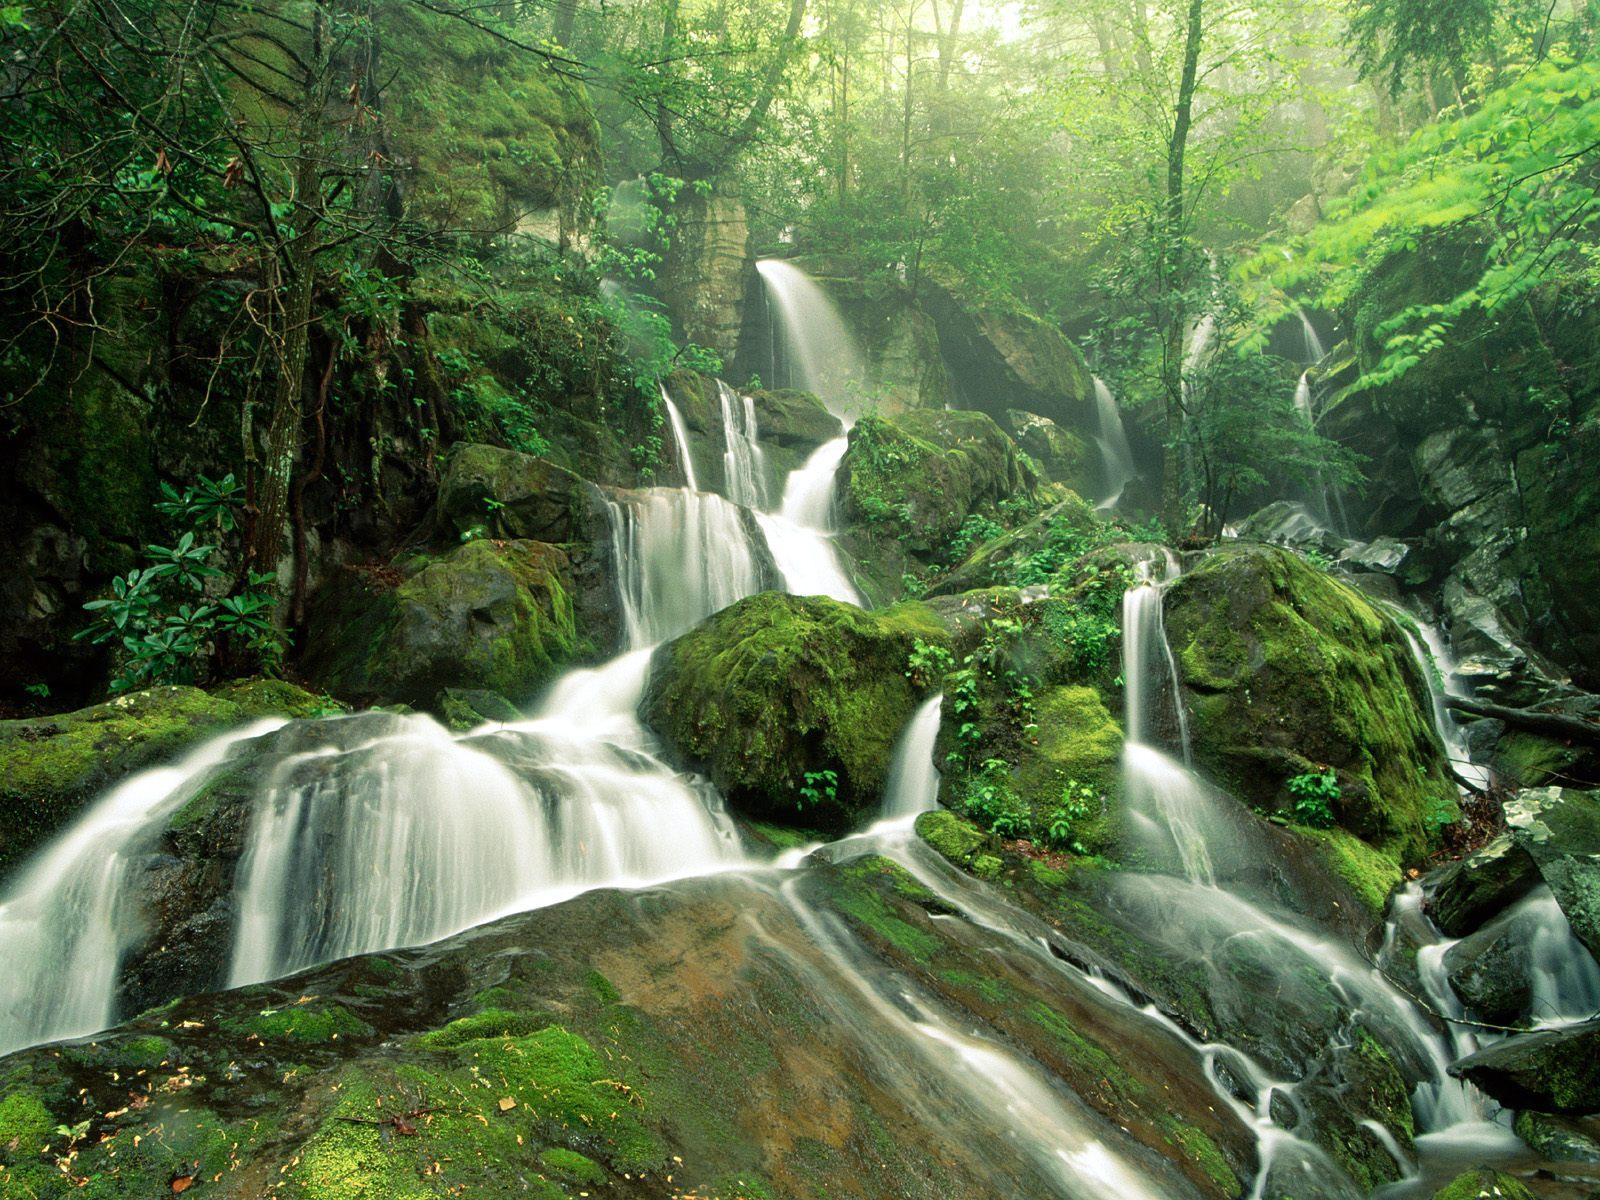 http://4.bp.blogspot.com/-DVV28ZPSQPE/T82Dj8VJ9VI/AAAAAAAAAP0/dyHxa8rJSZQ/s1600/ForestFall.jpg